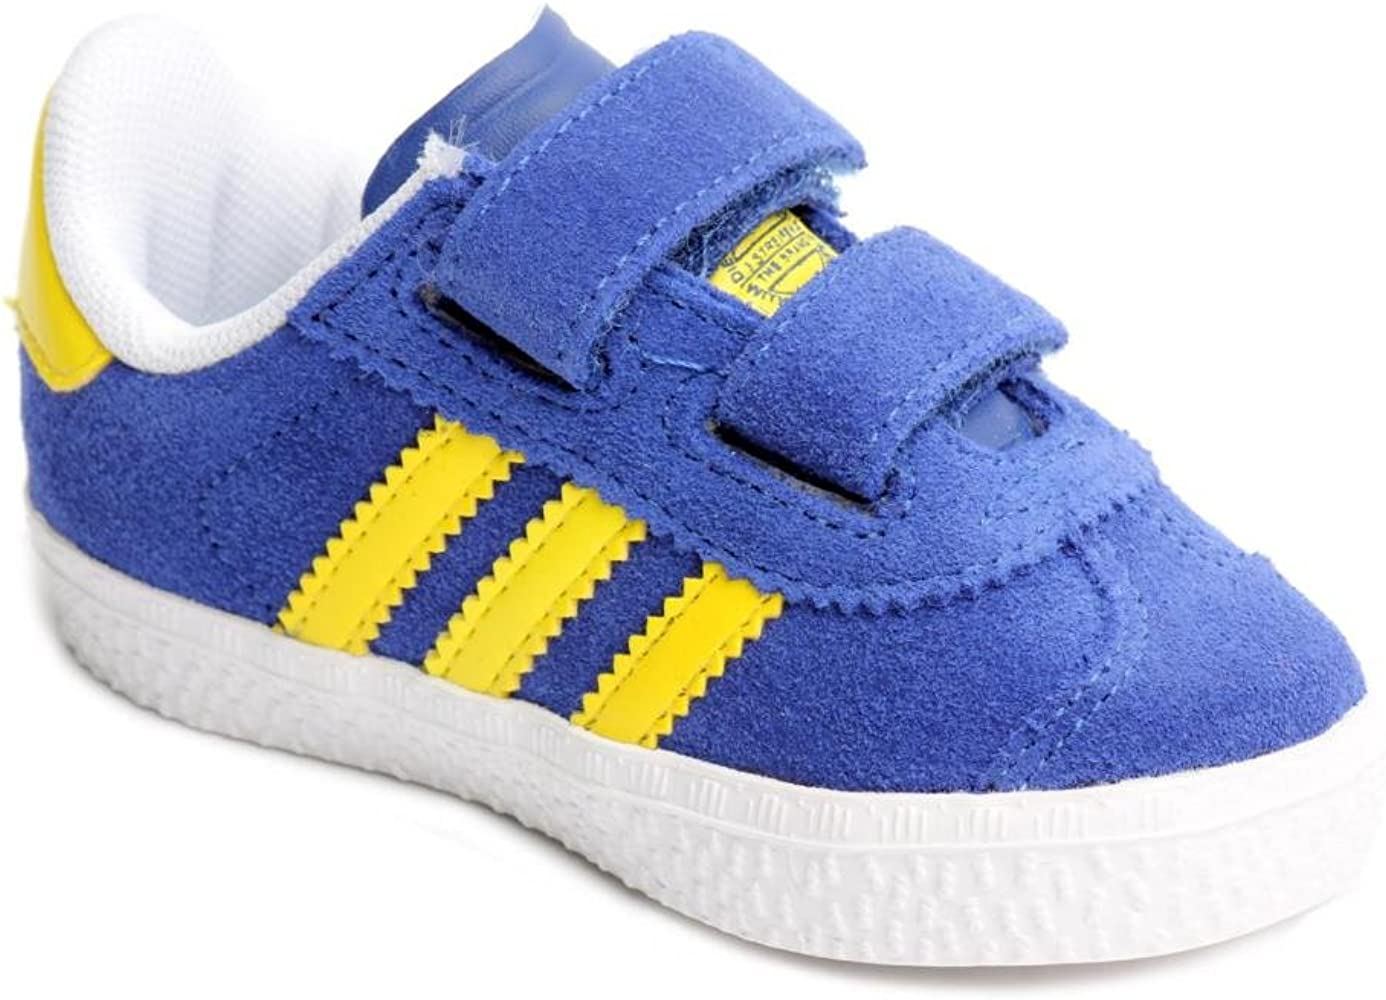 Amazon.com: adidas Gazelle 2 CF I Infant / Toddlers / Baby Shoes ...